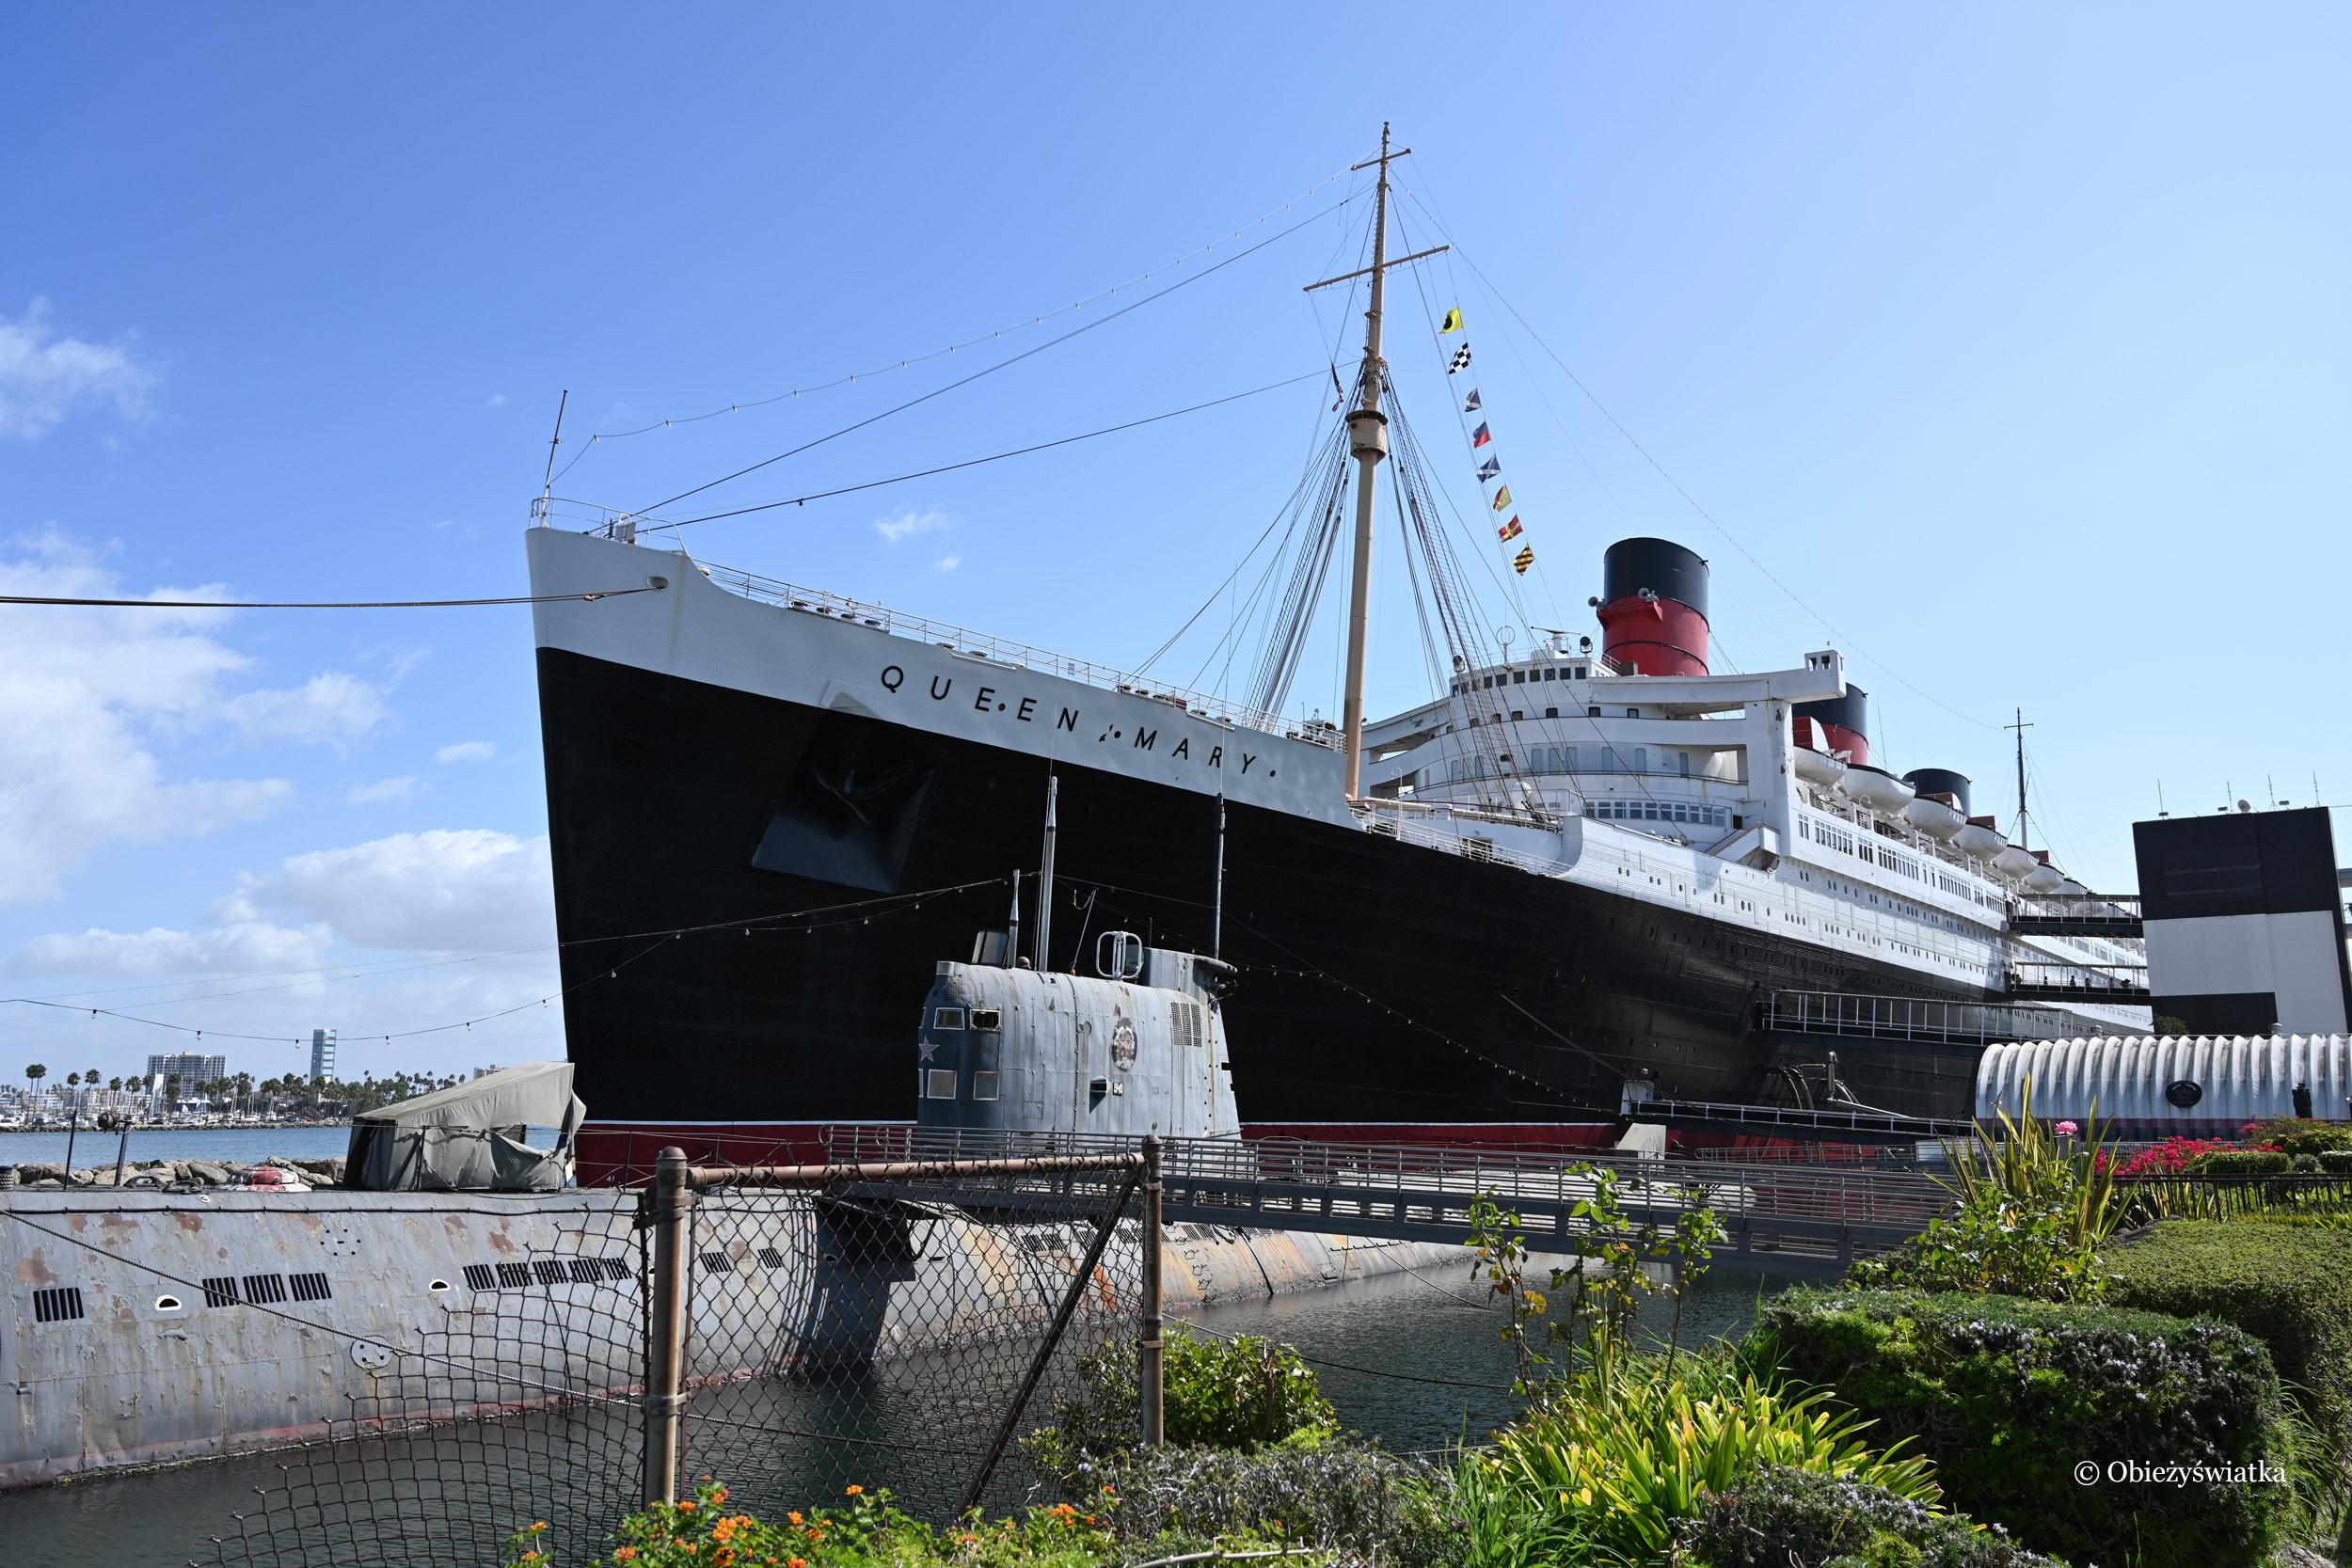 Pierwszy transatlantyk Queen Mary 2 z 1936 roku - dzisiaj jako hotel w Long Beach, Kalifornia, USA